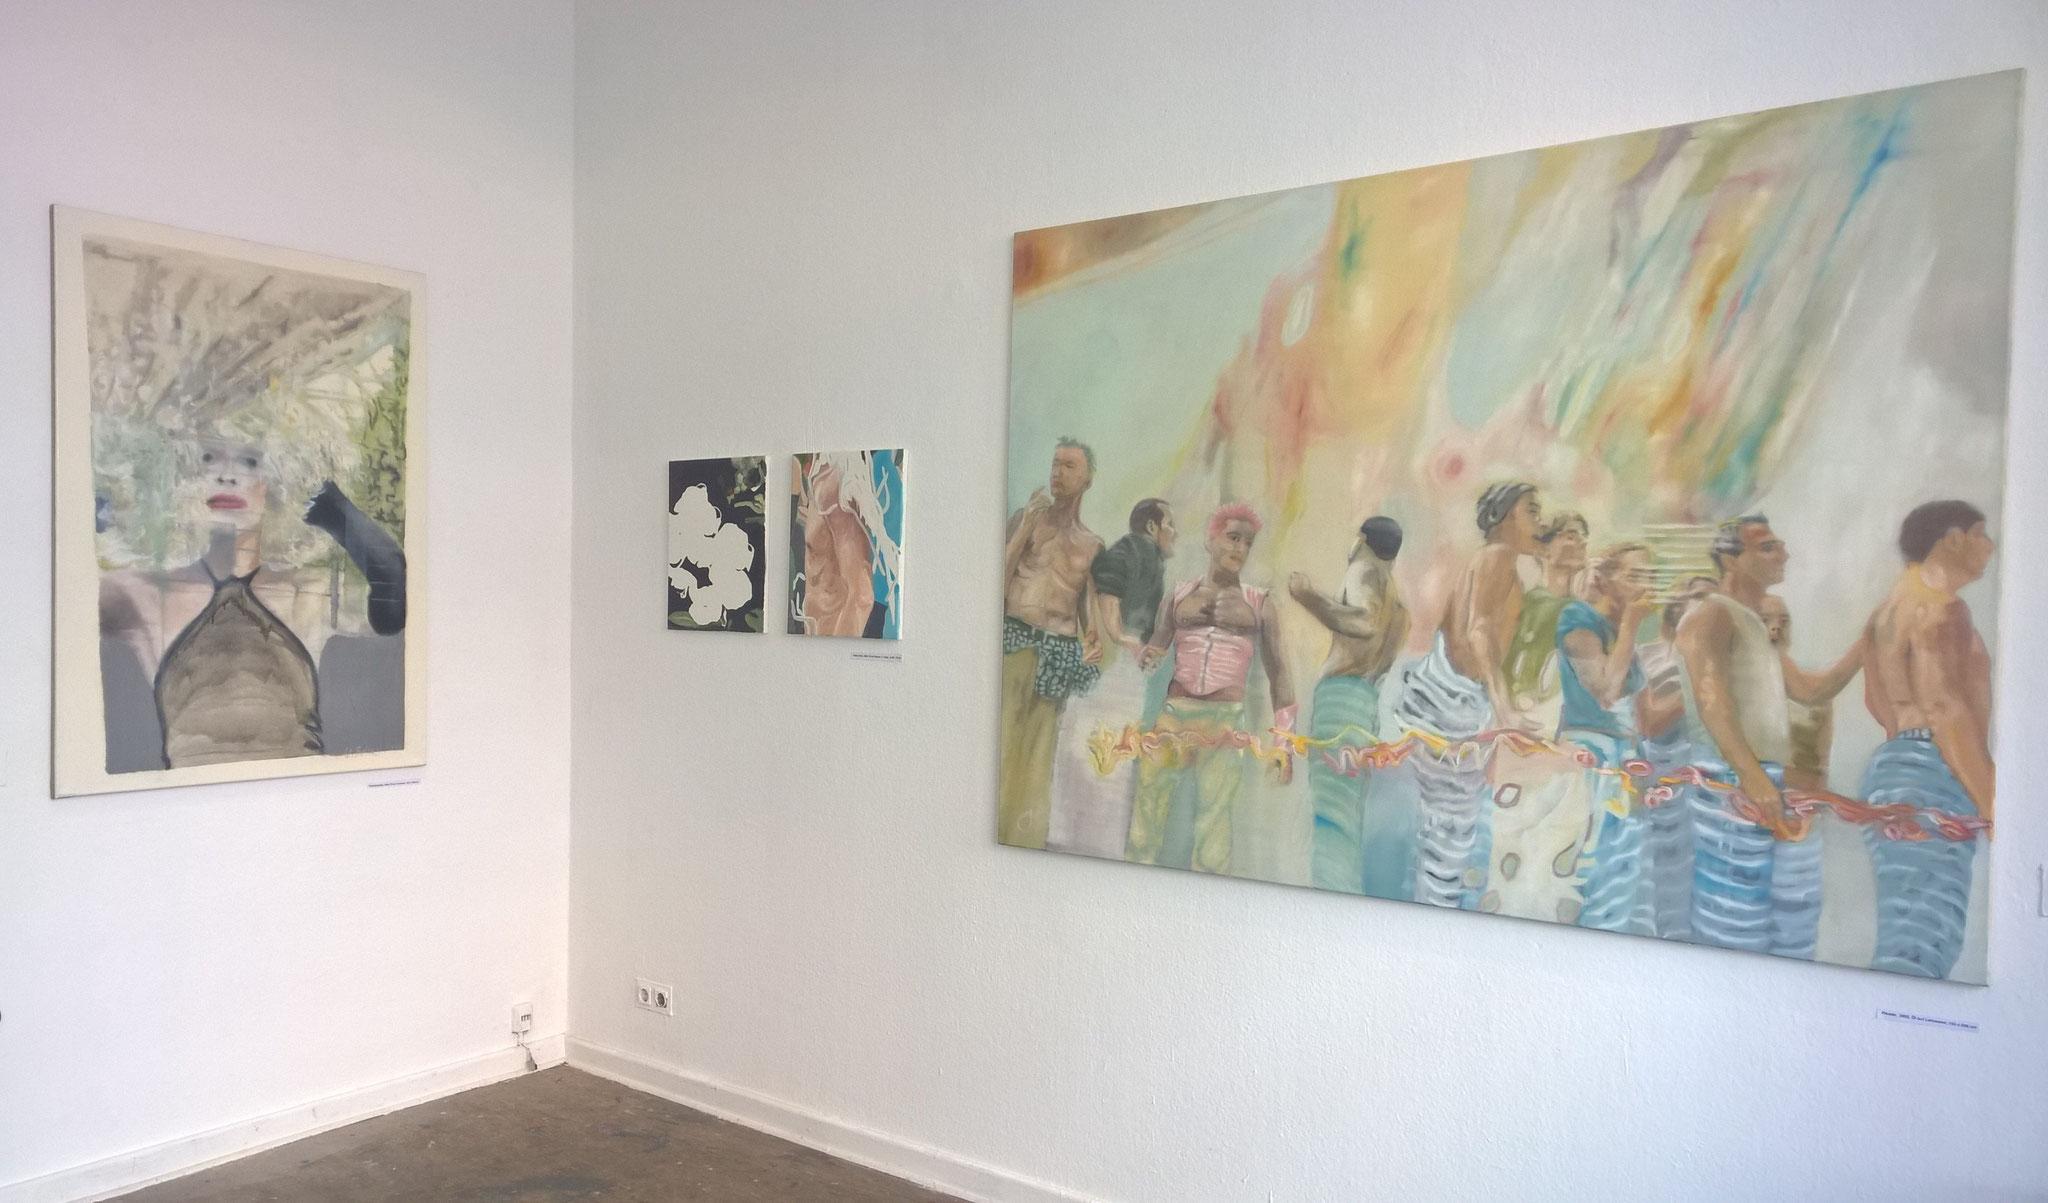 Ausstellungsansicht, Galerie Knuth & Krüger, Berlin, 2018